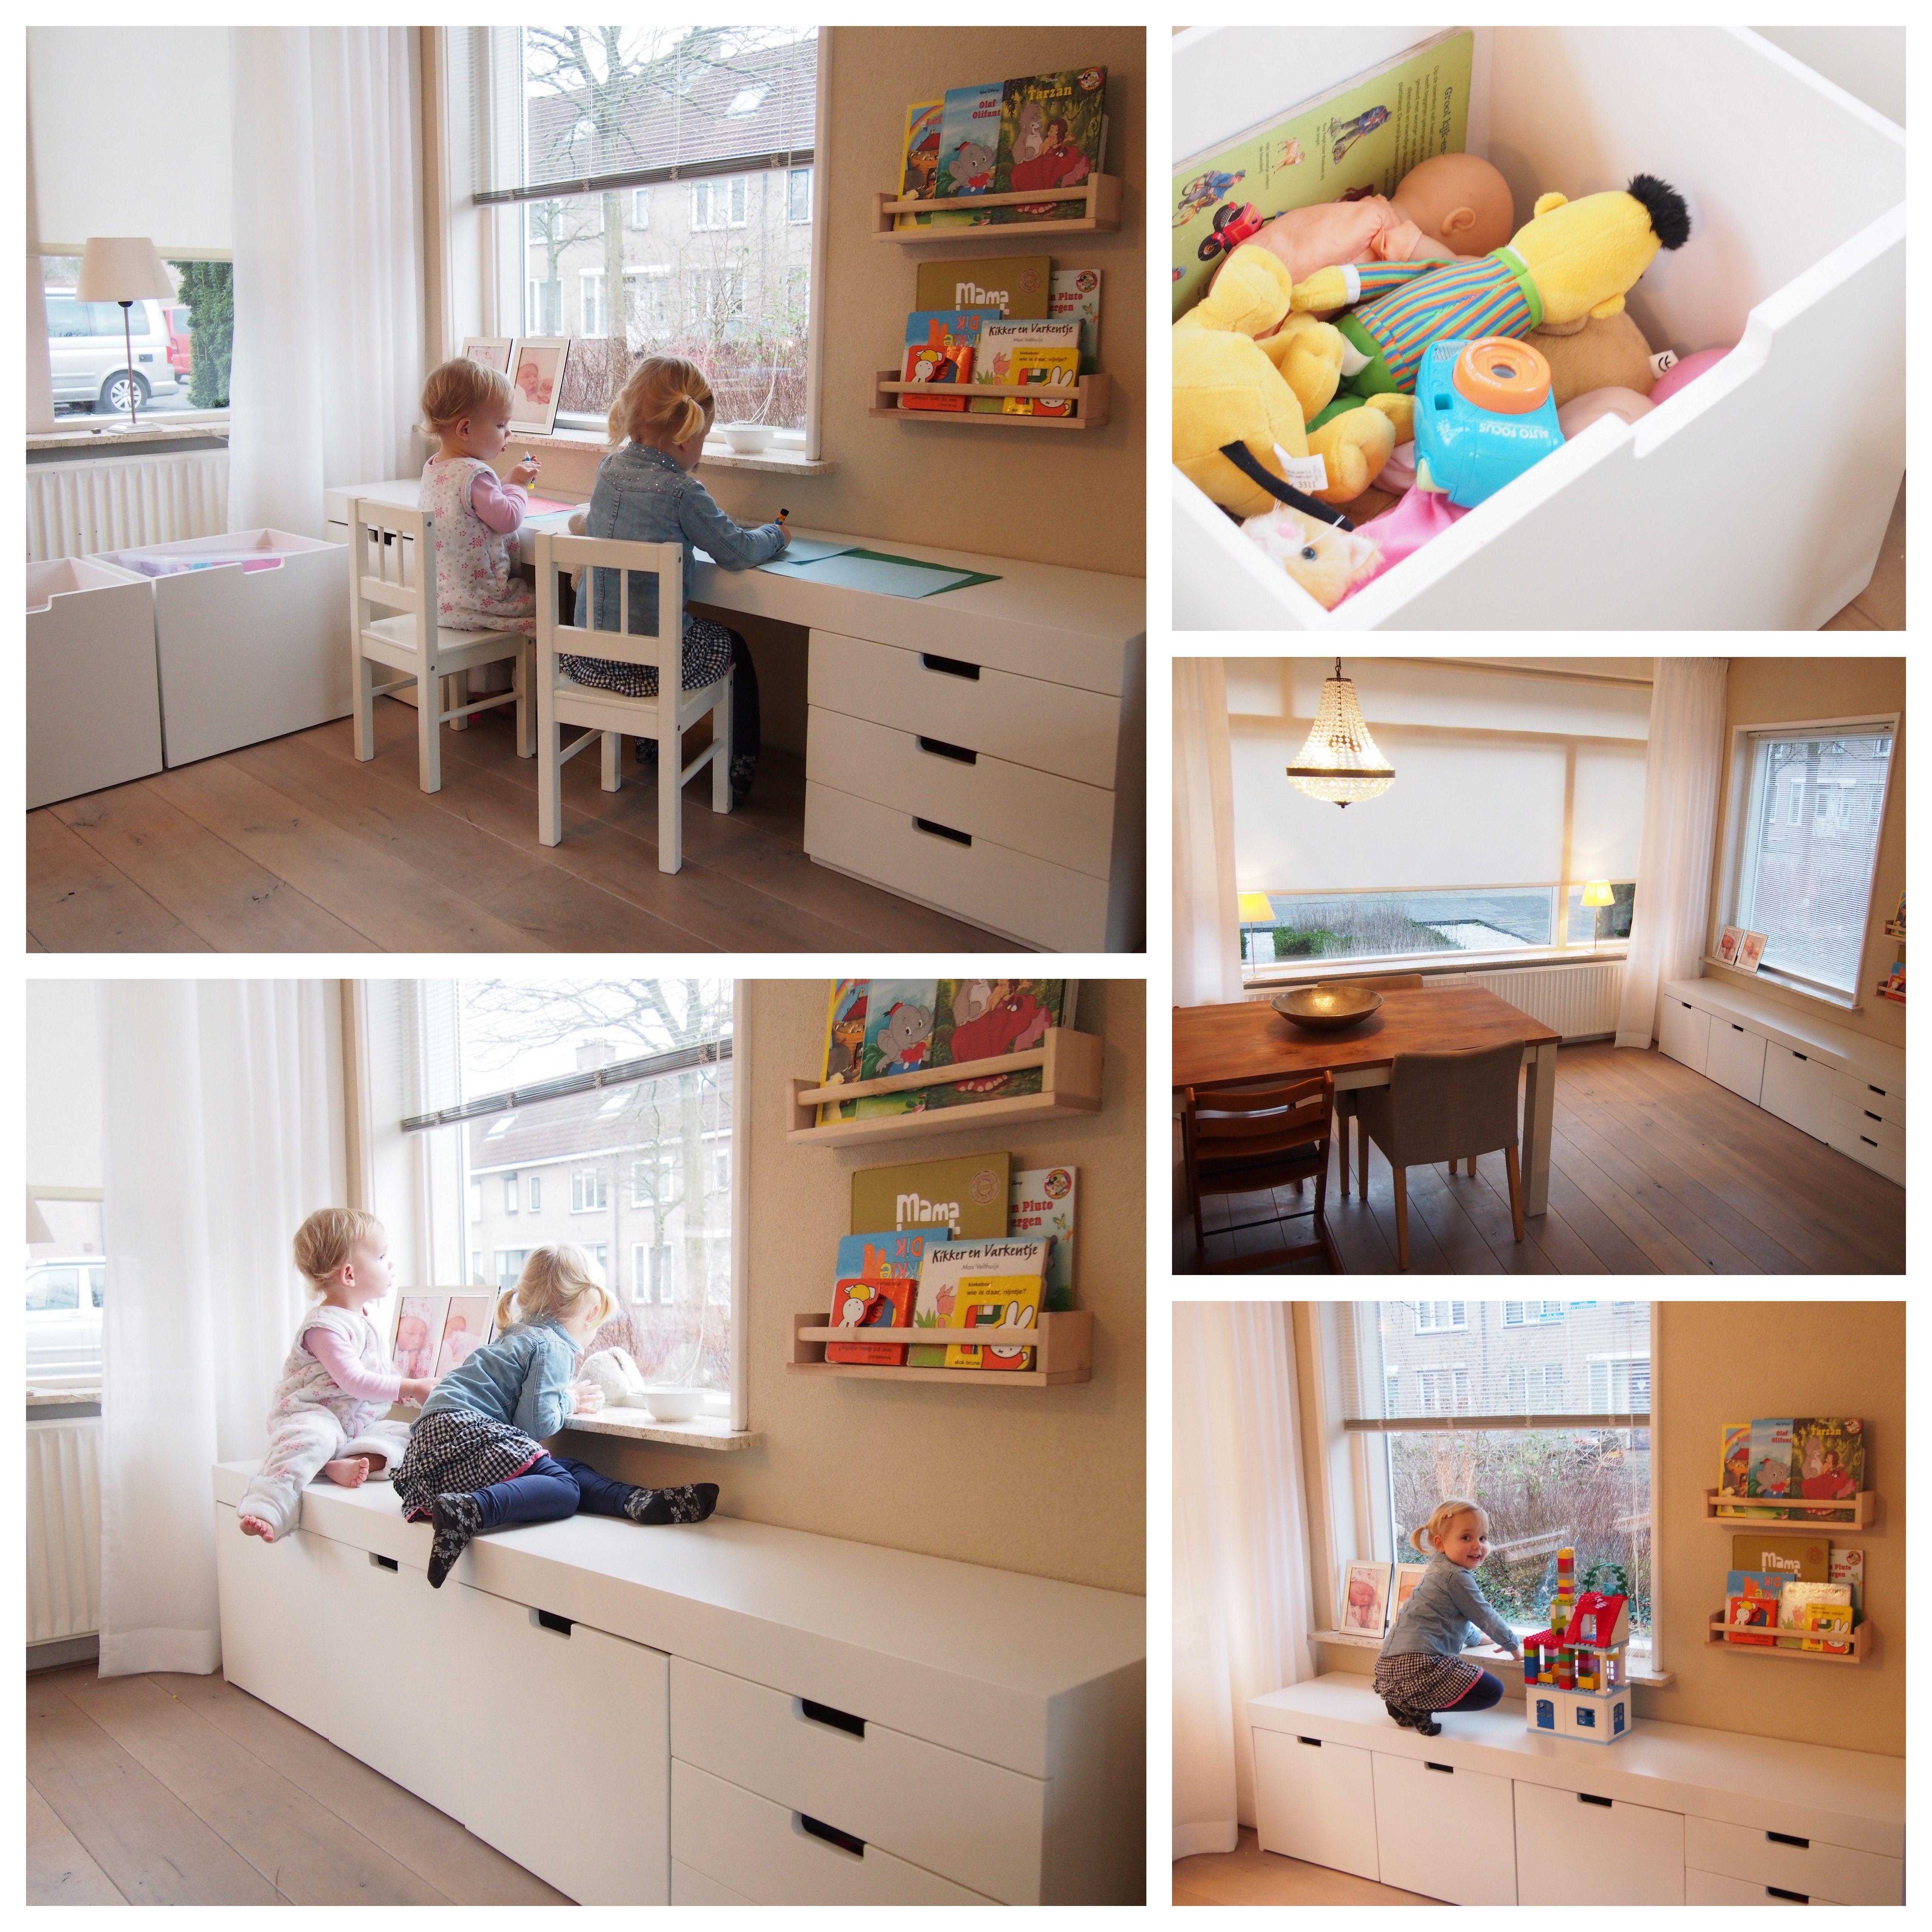 Multifunktionale kinderm bel kids love style pinterest kinderzimmer kinder zimmer und - Kinderzimmer kleinkind junge ...